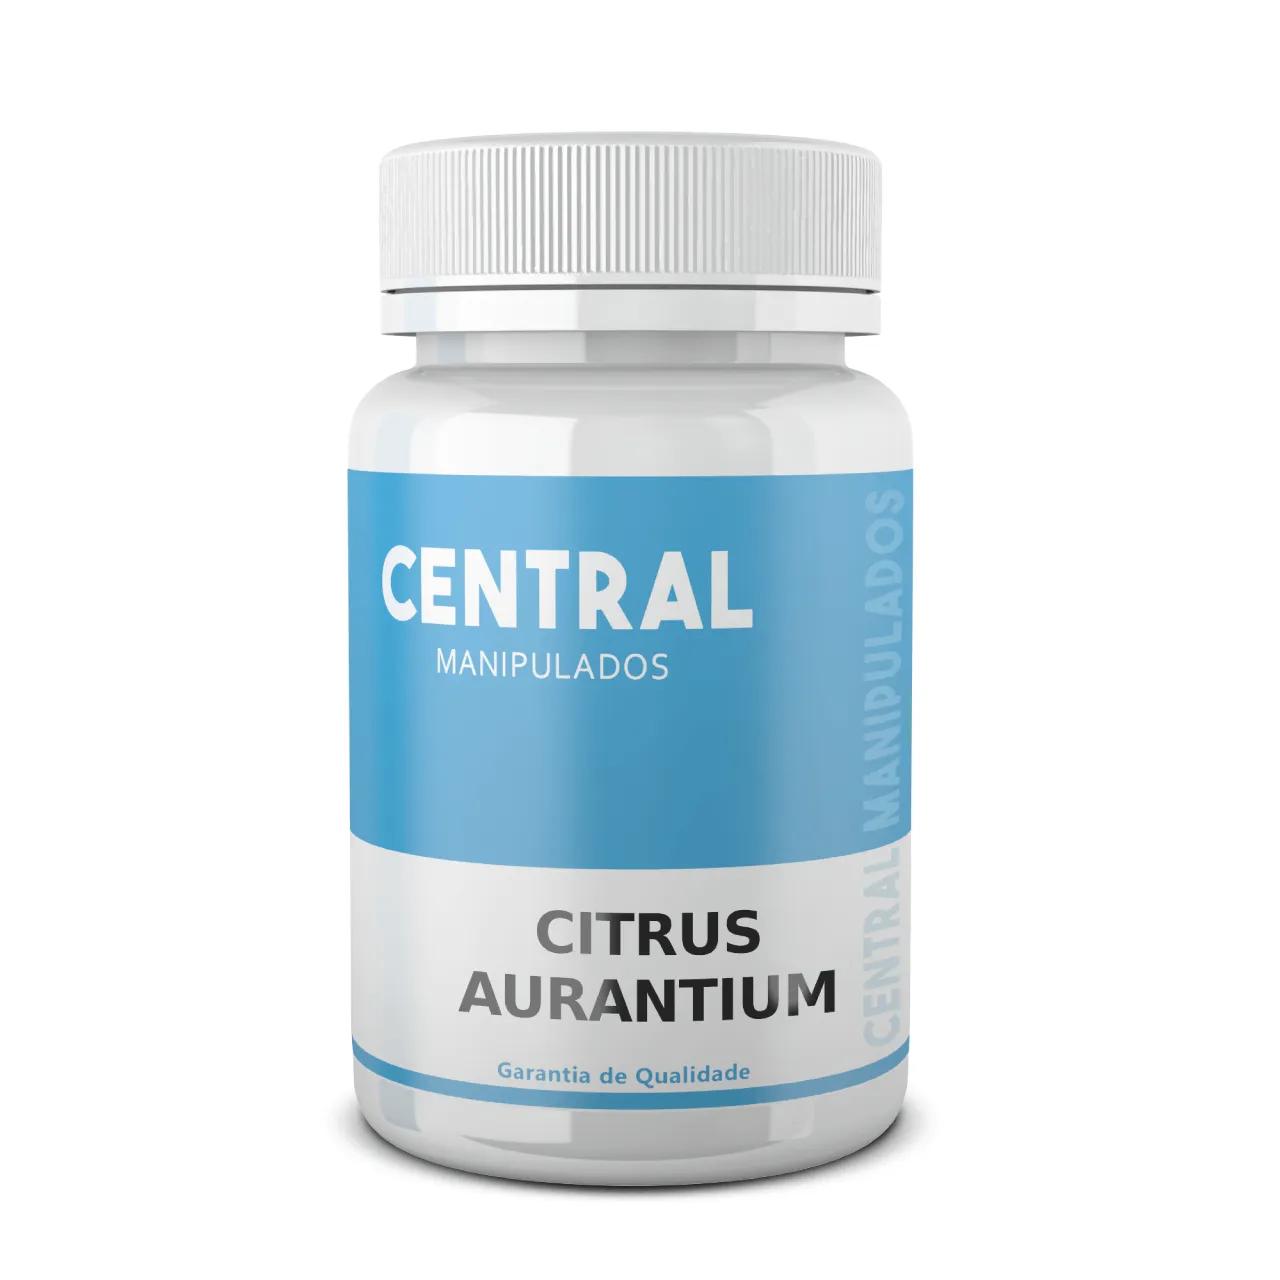 Citrus aurantium 500mg - 30 cápsulas - Emagrecimento, Diminui Apetite, Promove aumento de massa magra, Termogênico